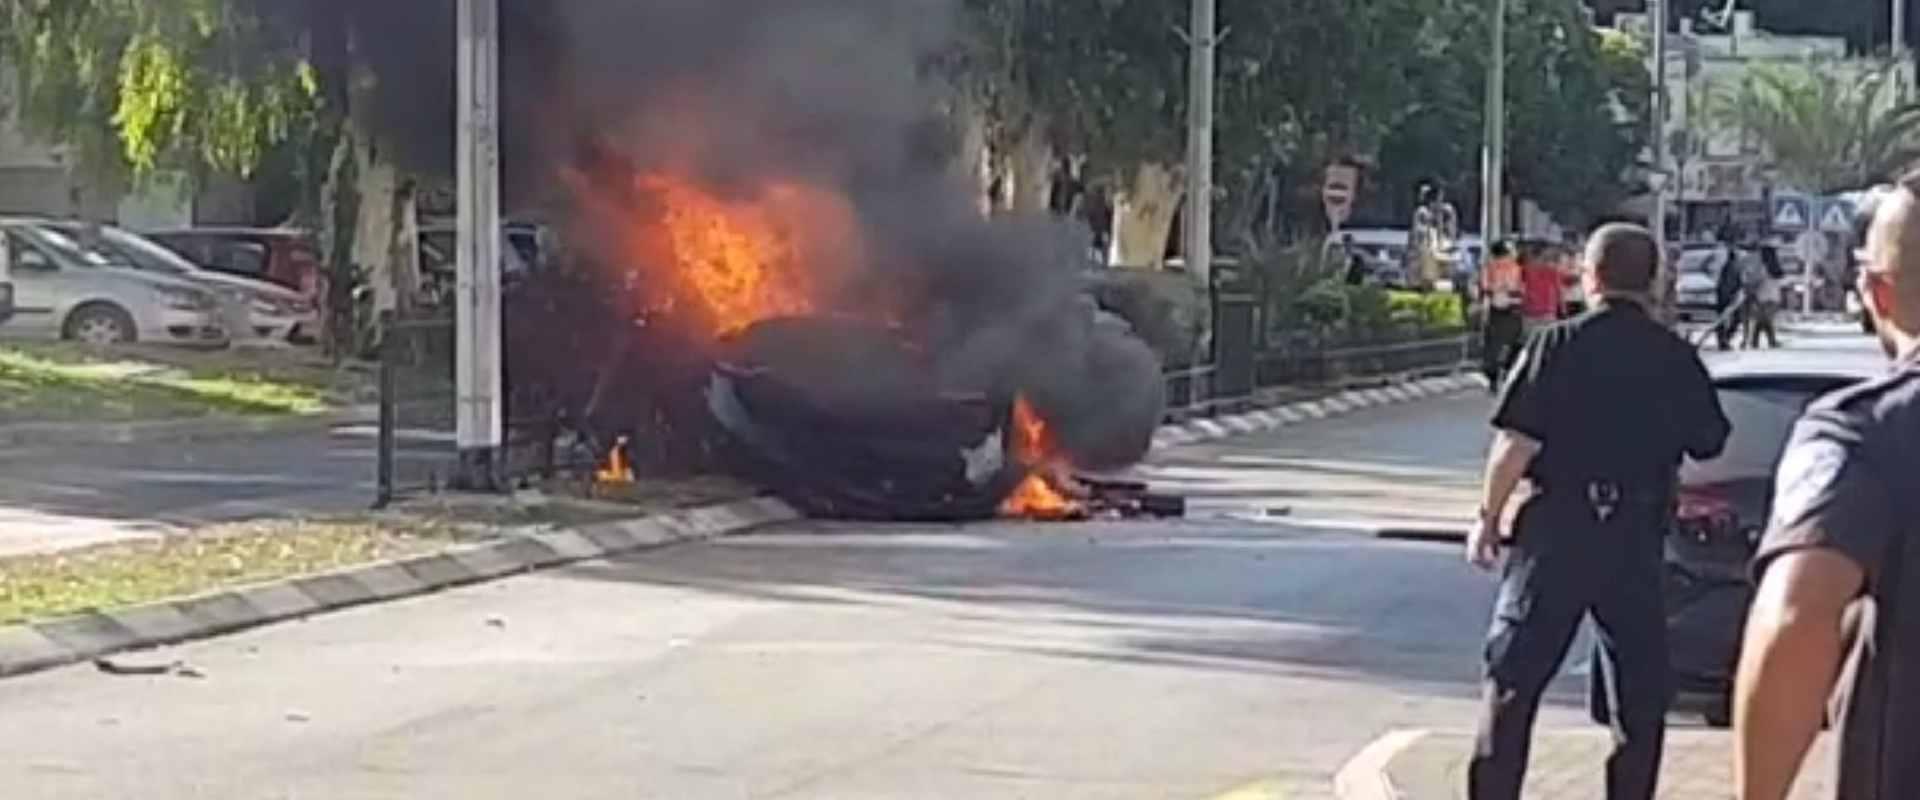 הרכב עולה באש לאחר הפיצוץ בנשר